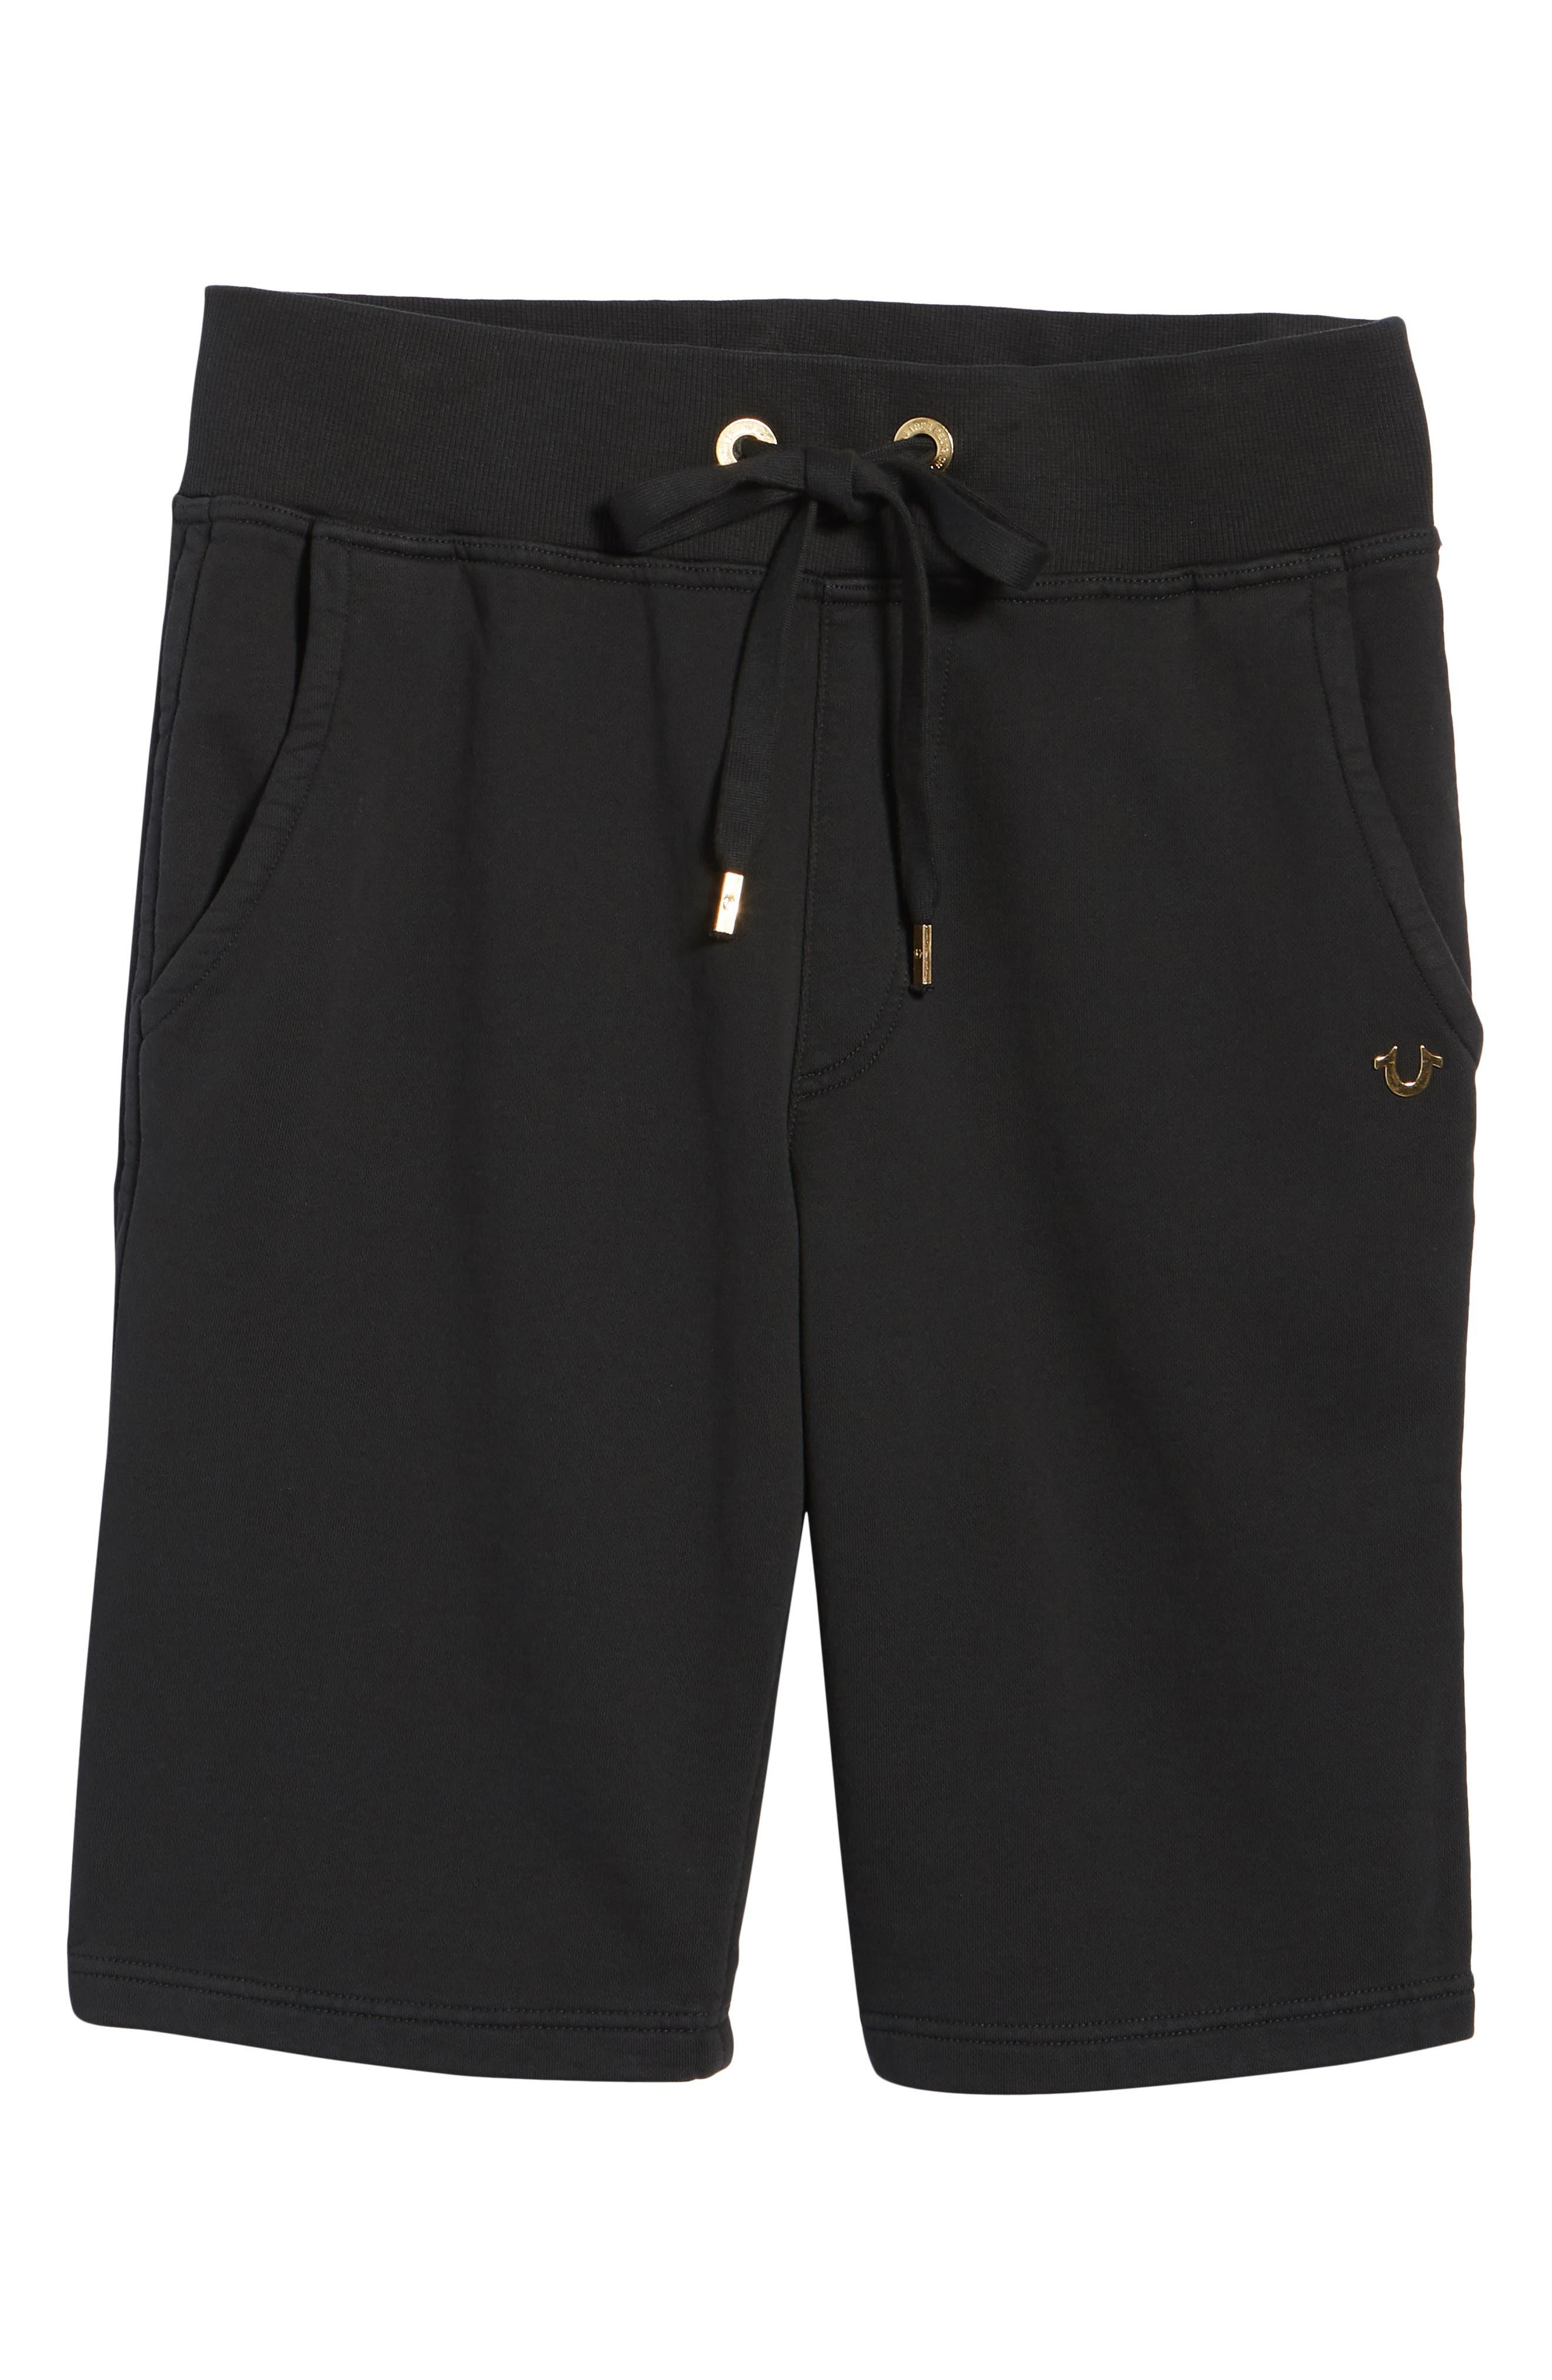 Core Shorts,                             Alternate thumbnail 6, color,                             True Black